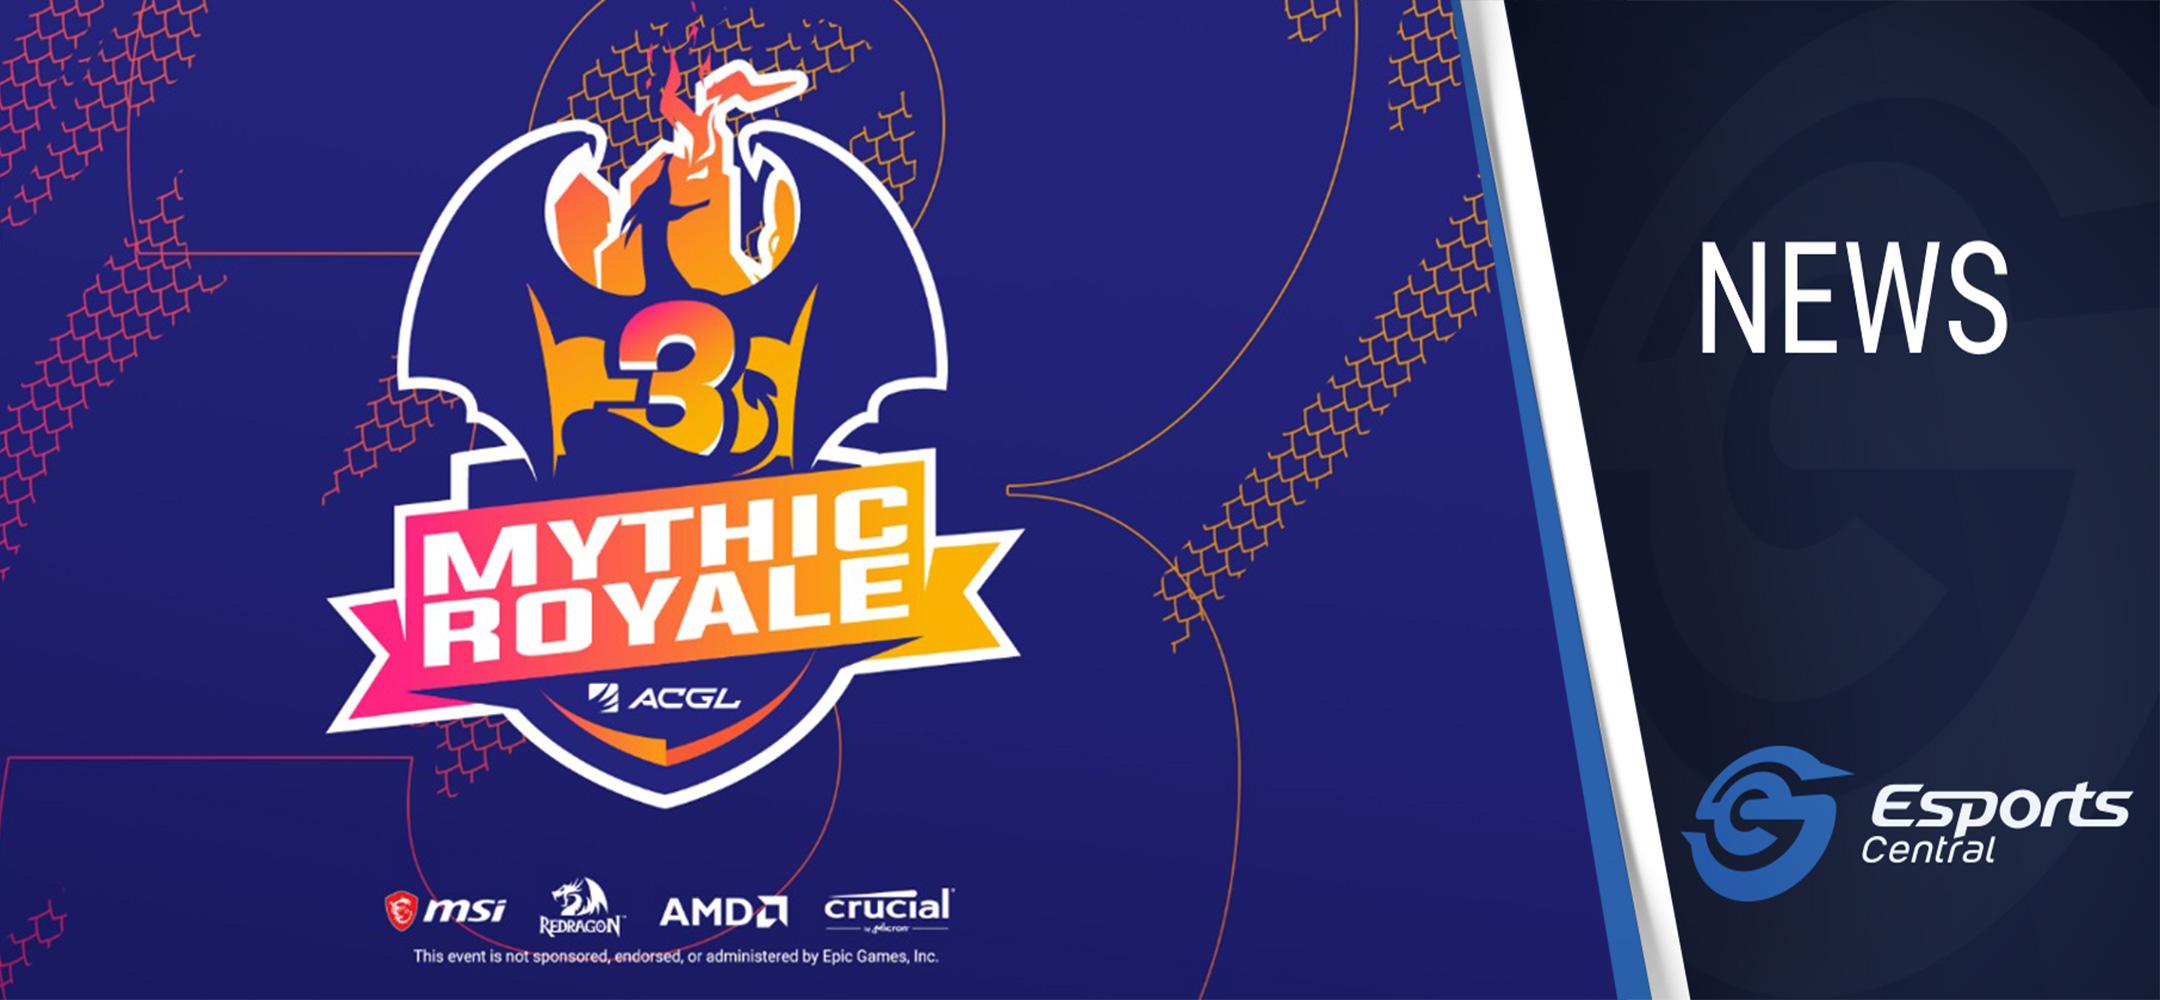 Mythic Royale 3